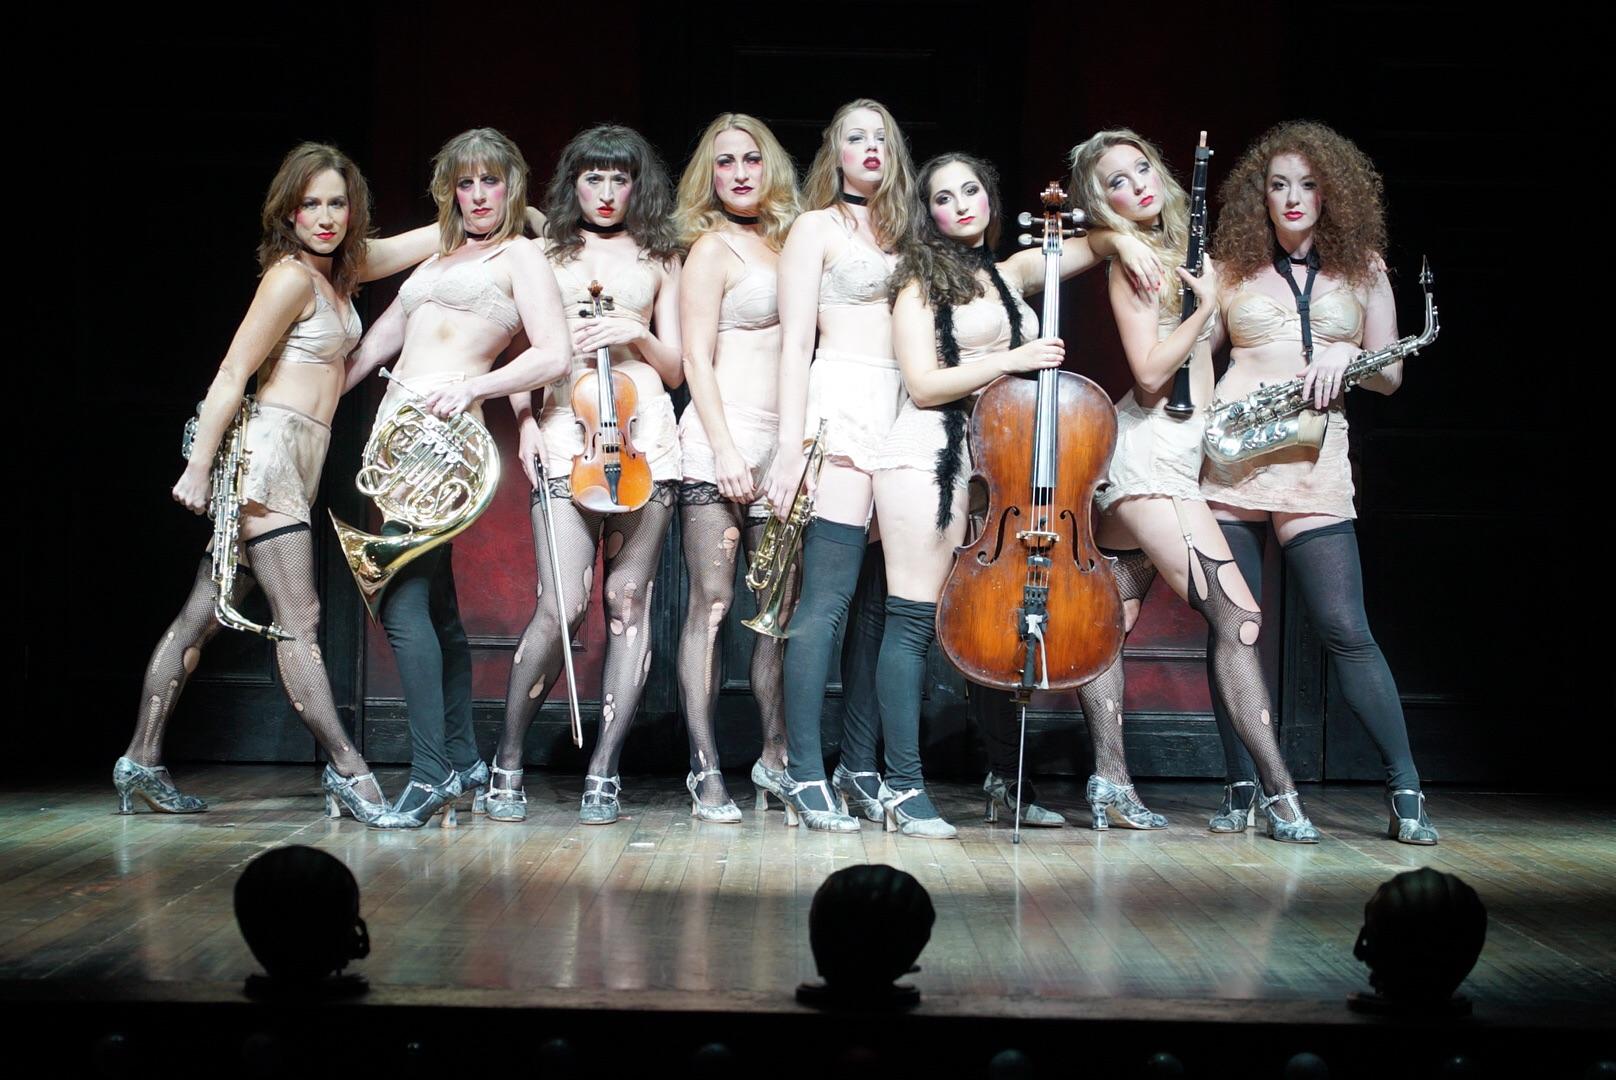 The Kit Kat Girls (l-r): Laura Sheehy, Lori Eure, Kendal Hartse, Alison Ewing, Sarah Bishop. Jenna Zito Clark, Kelsey Beckert & Chelsey Clark